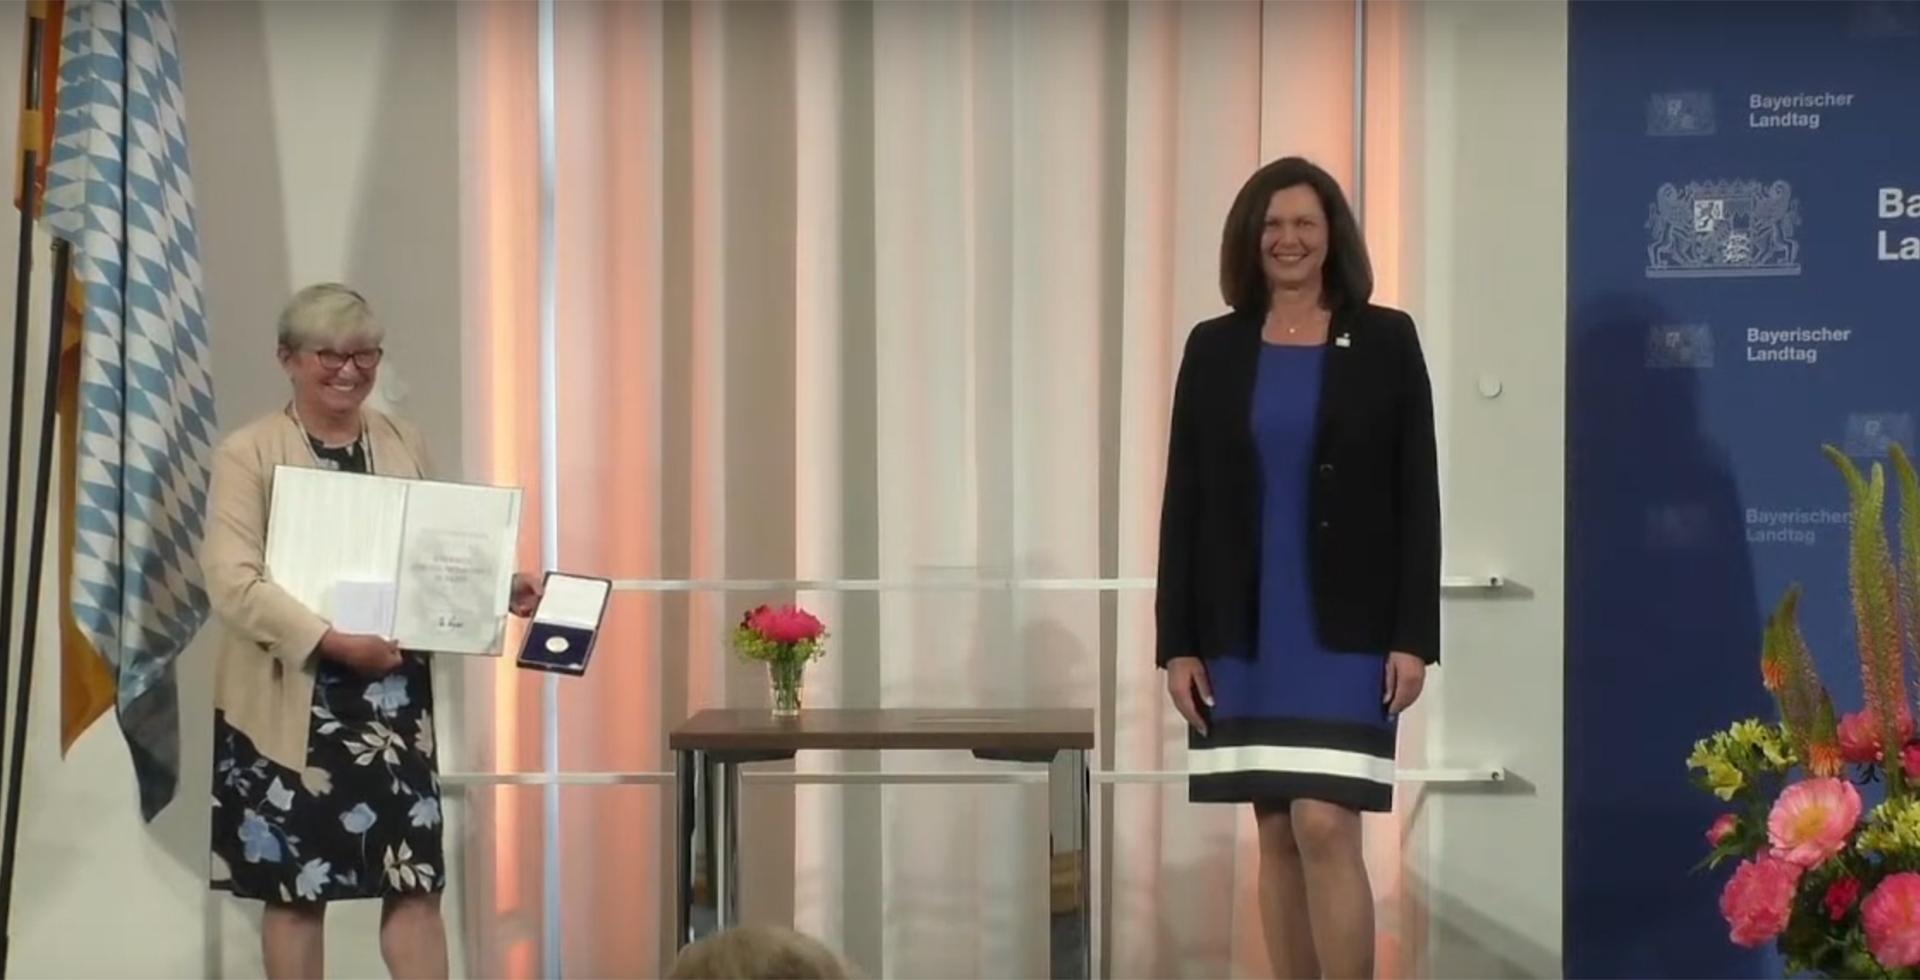 Beate Schabert-Zeidler, Ilse Aigner bei der Verleihung der Bayerischen Verfassungmedaille in Silber 2020